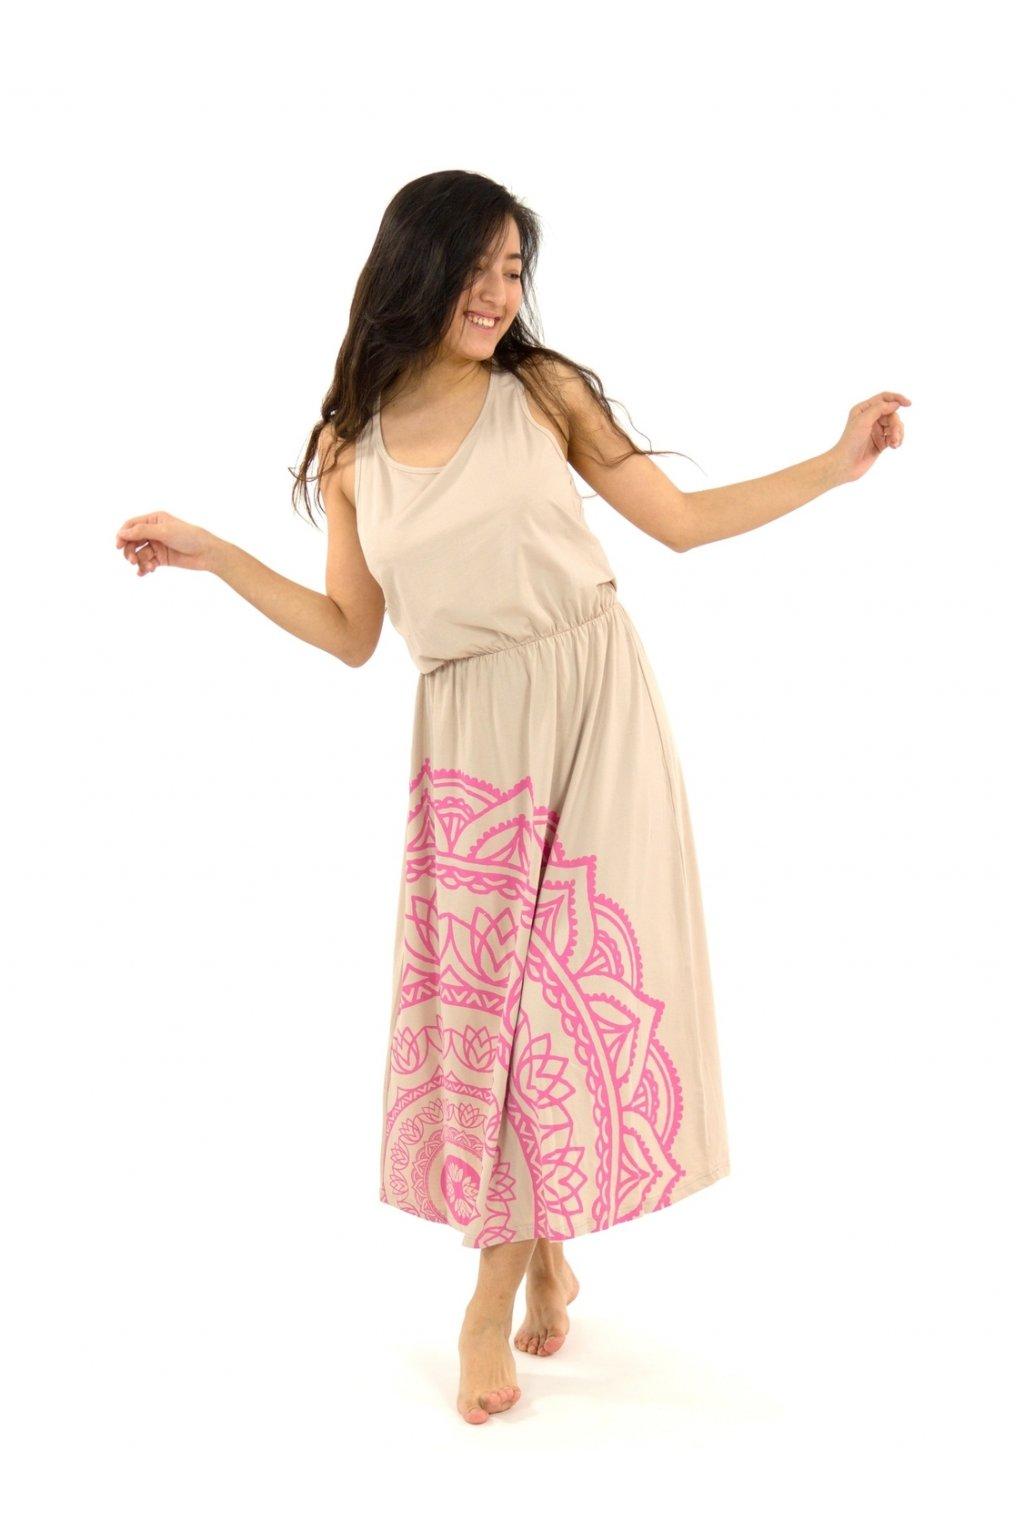 Dlouhé letní šaty Mandala  - béžové s růžovou